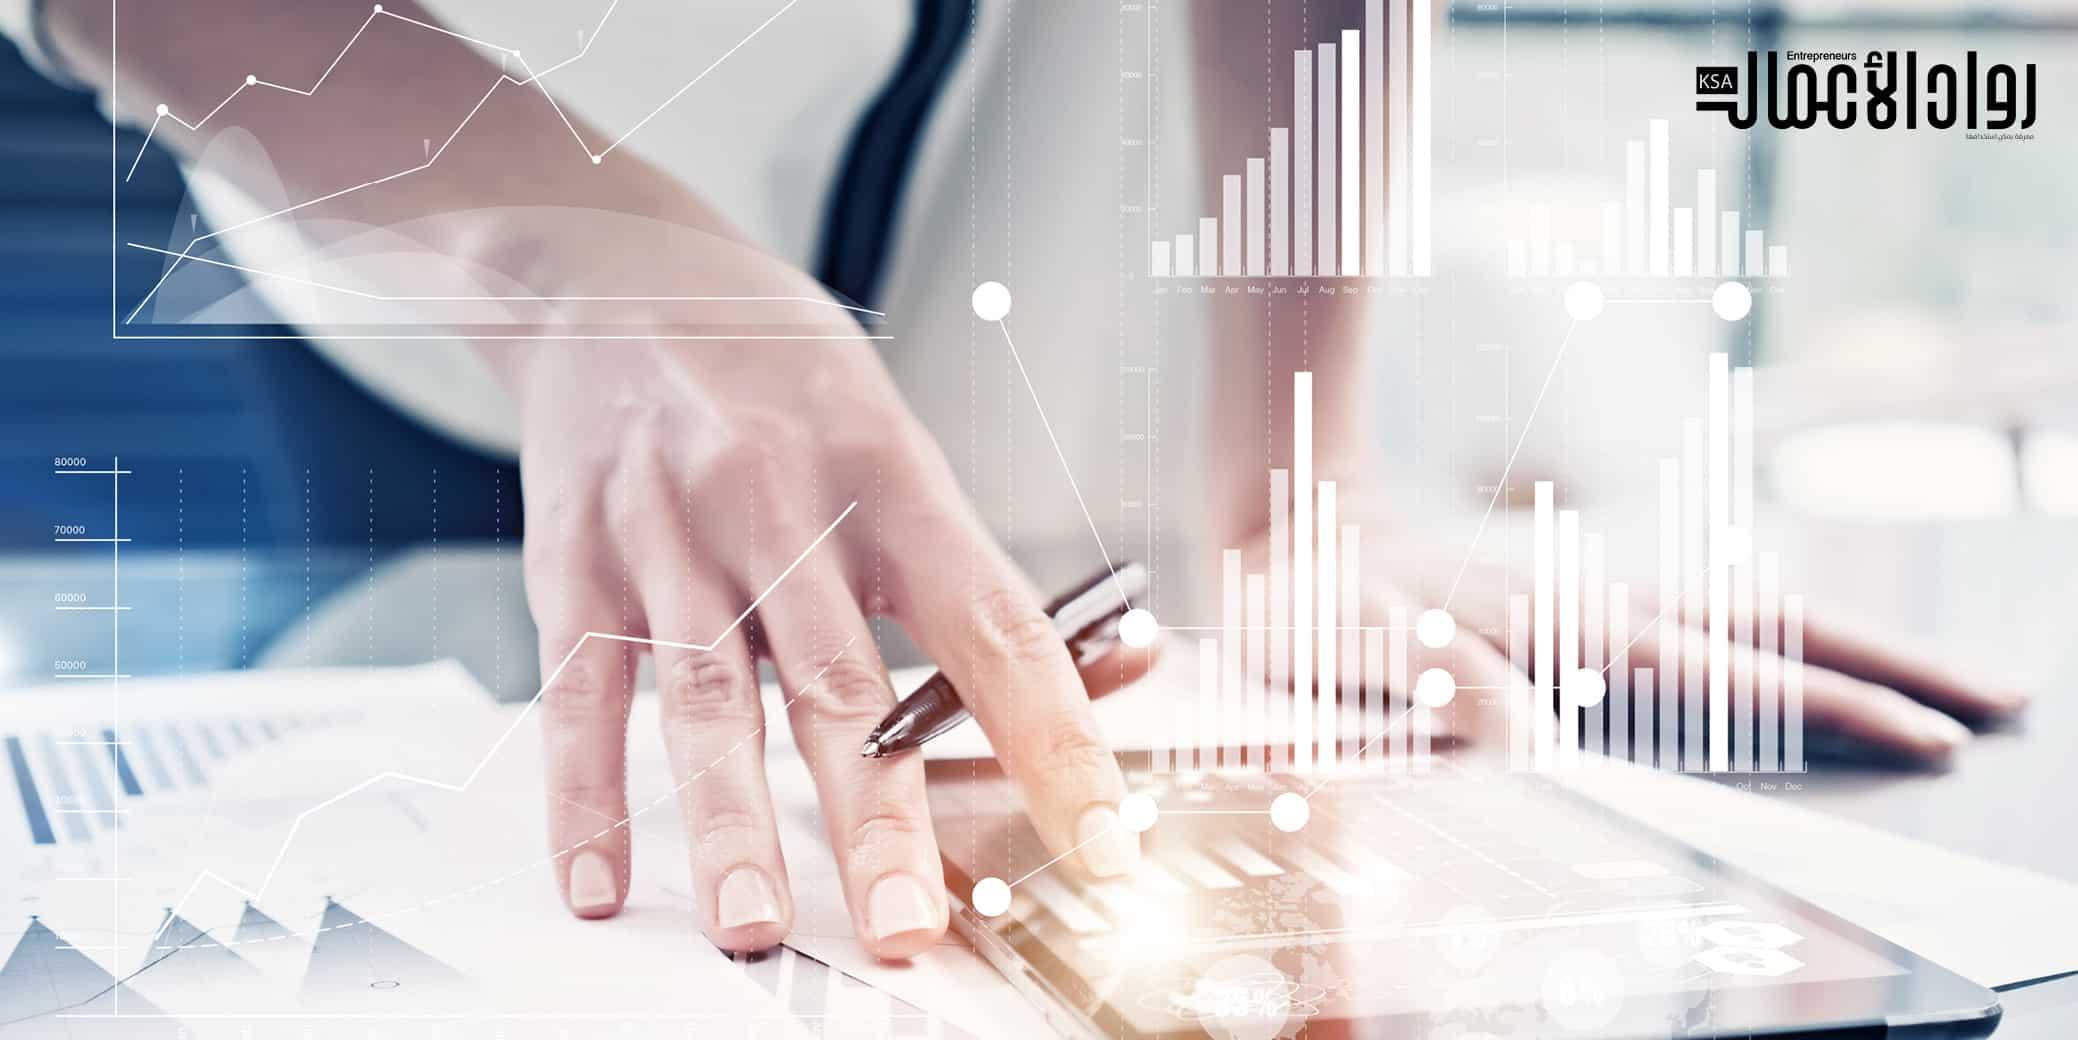 التخطيط الاستراتيجي للشركات الصغيرة